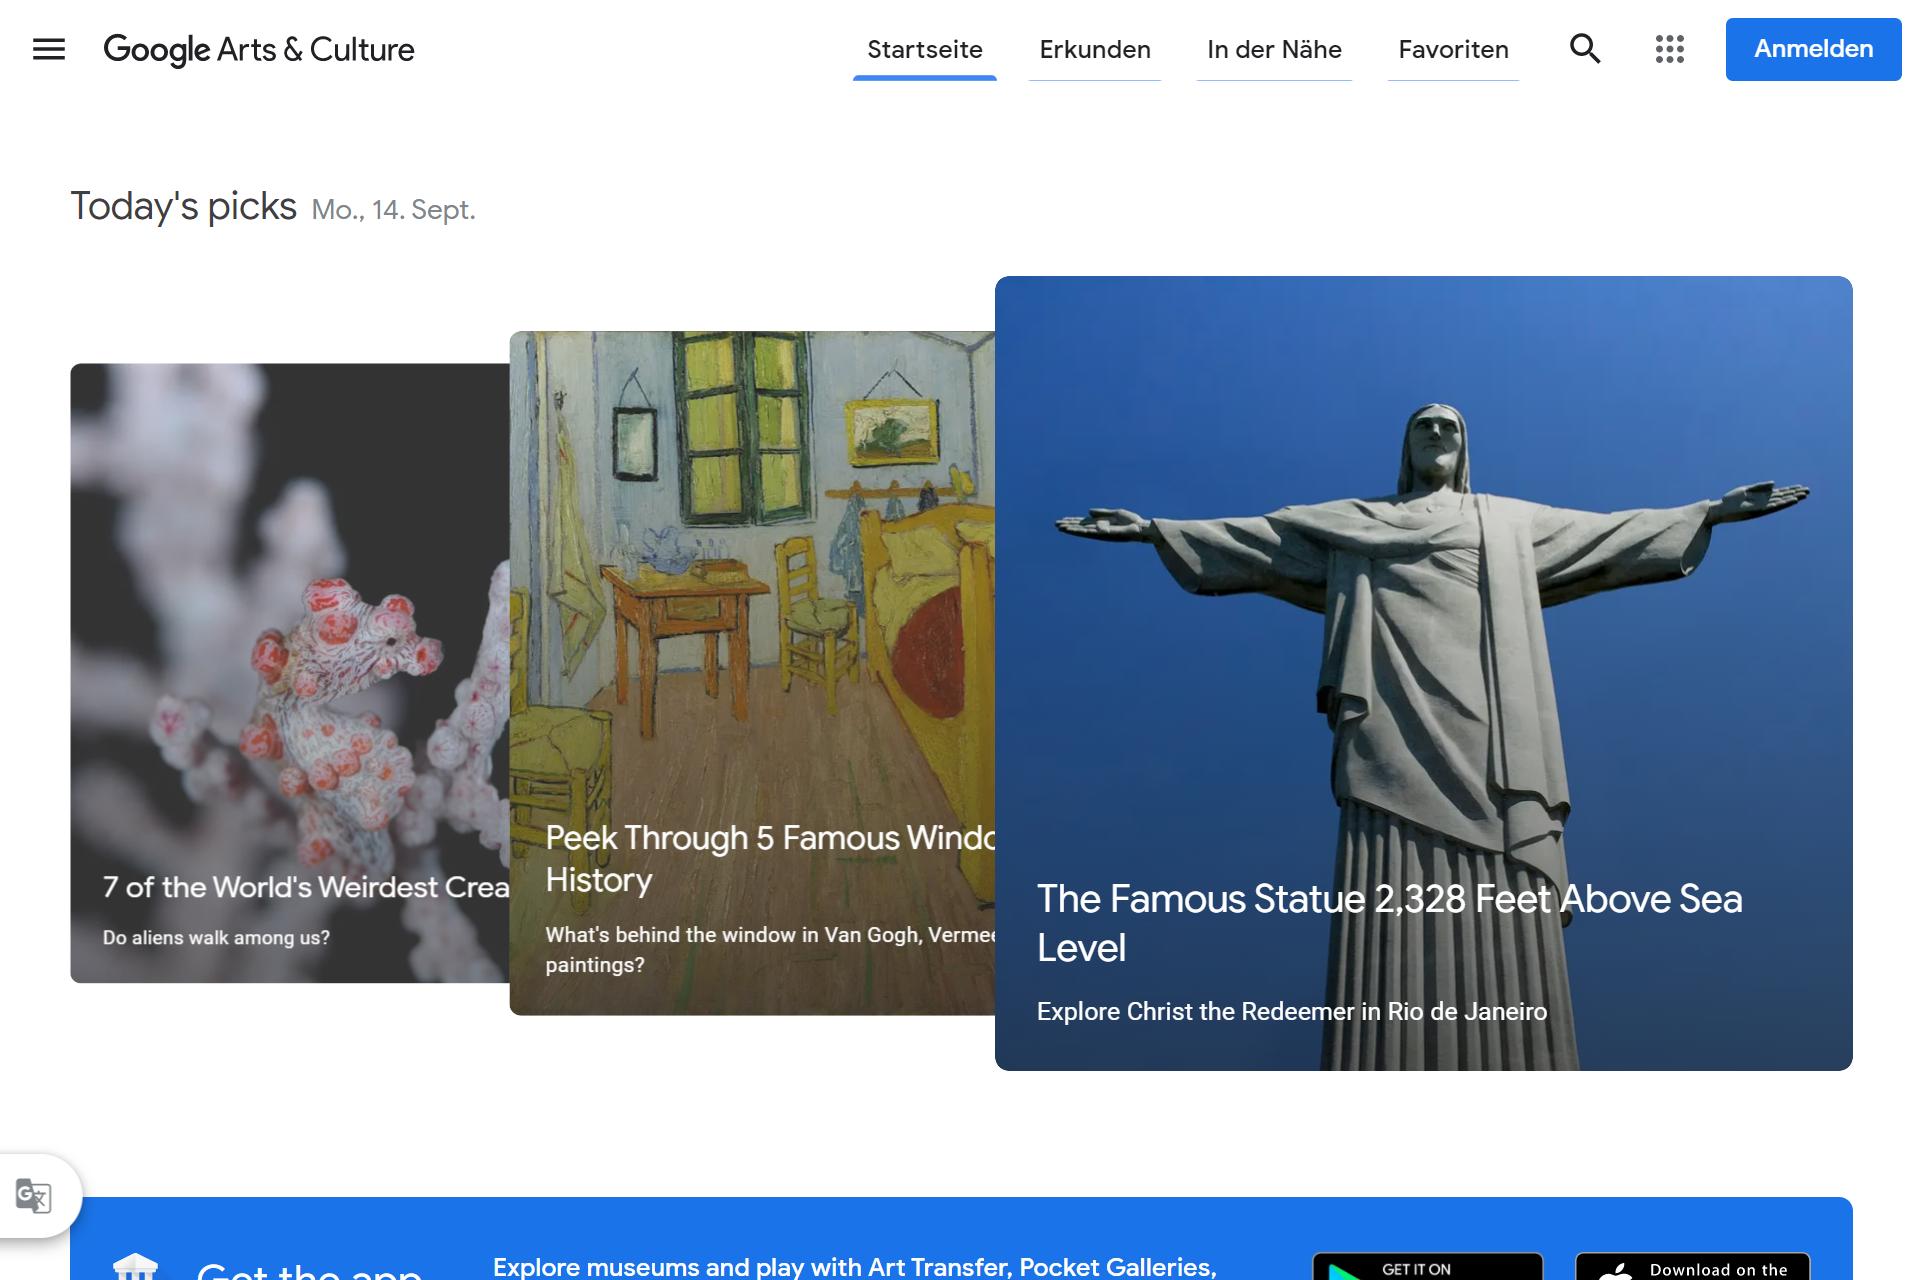 Screenshot Google Arts & Culture (14.09.2020)